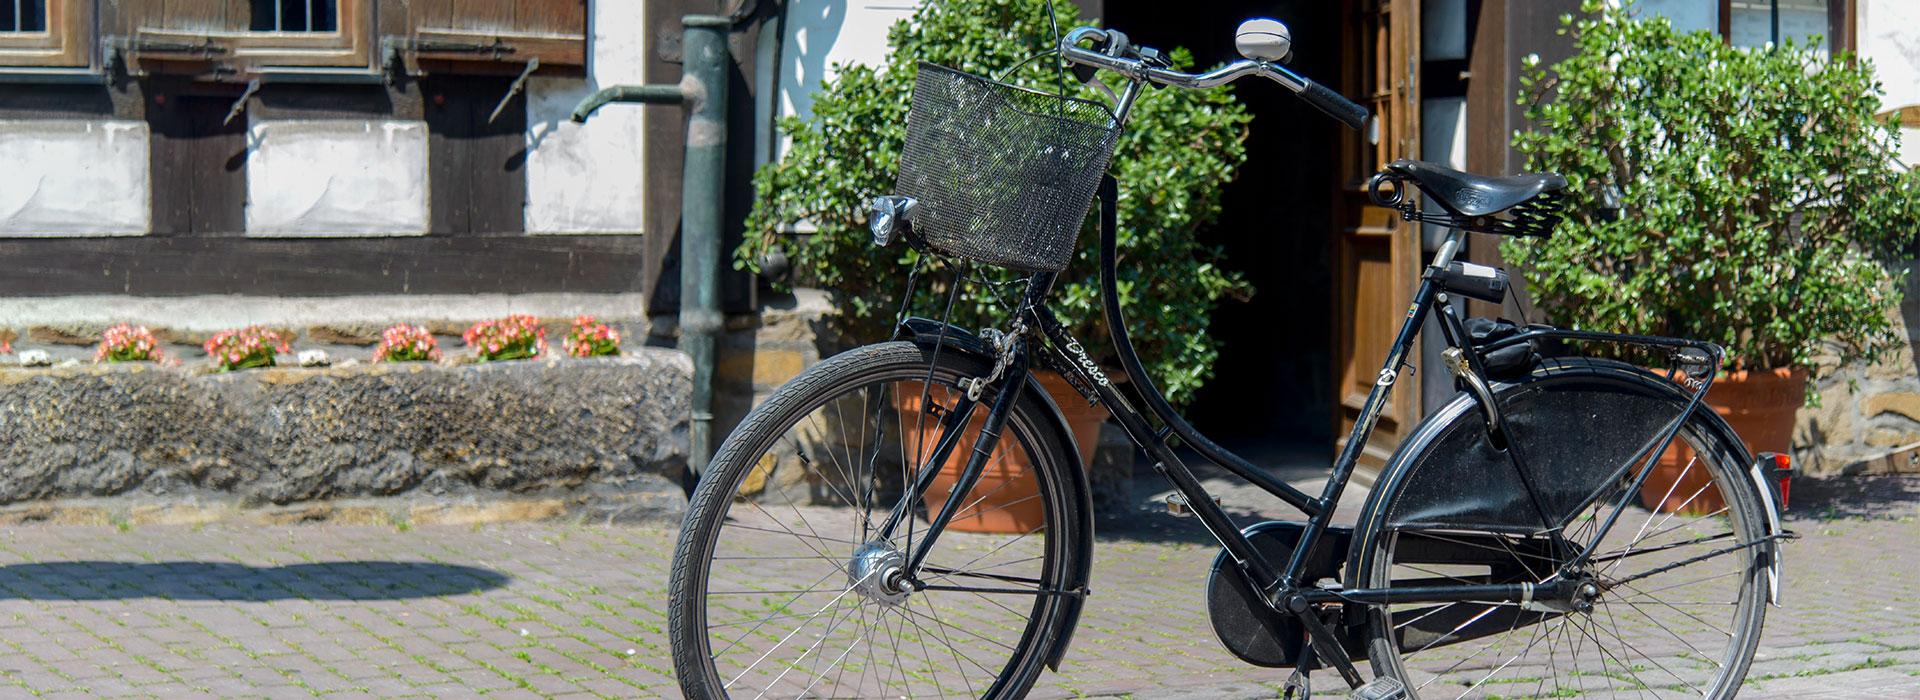 Fahrrad vor dem Restaurant Baumhove in Werne